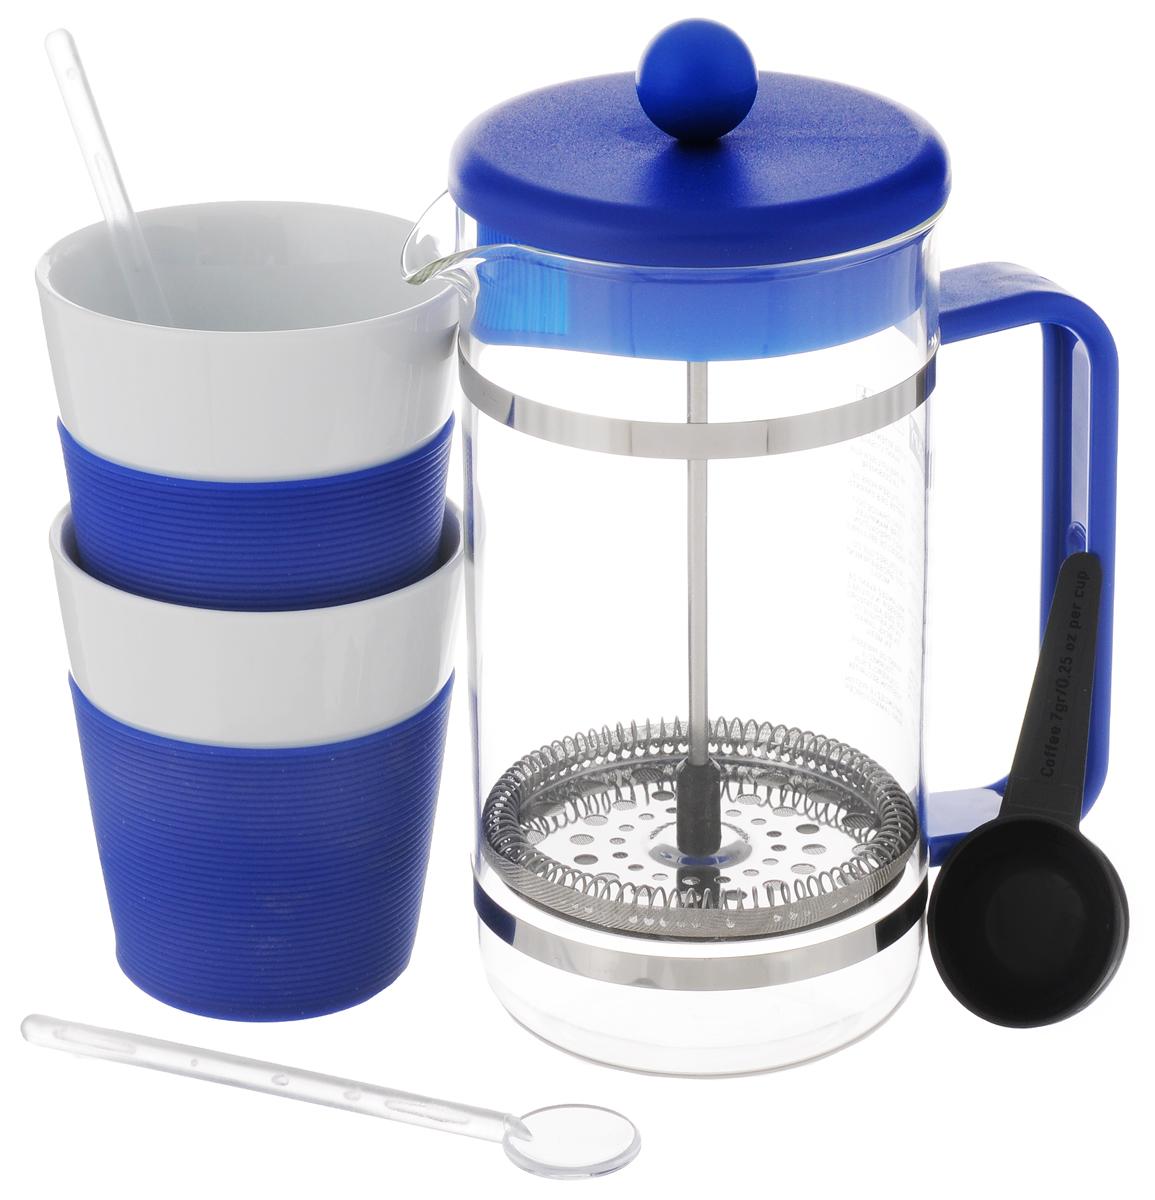 Набор кофейный Bodum Bistro, цвет: синий, белый, 5 предметов. AK1508AK1508-528-Y15Кофейный набор Bodum Bistro состоит из чайника френч-пресса, 2 стаканов и 2 ложек. Френч-пресс выполнен из высококачественного жаропрочного стекла, нержавеющей стали и пластика. Френч-пресс - это заварочный чайник, который поможет быстро приготовить вкусный и ароматный чай или кофе. Металлический нержавеющий фильтр задерживает чайные листочки и частички зерен кофе. Засыпая чайную заварку или кофе под фильтр, заливая горячей водой, вы получаете ароматный напиток с оптимальной крепостью и насыщенностью. Остановить процесс заваривания легко, для этого нужно просто опустить поршень, и все уйдет вниз, оставляя сверху напиток, готовый к употреблению. Для френч-пресса предусмотрена специальная пластиковая ложечка. Элегантные стаканы выполнены из высококачественного фарфора и оснащены резиновой вставкой, защищающей ваши руки от высоких температур. В комплекте - 2 мерные ложечки, выполненные из пластика. Яркий и стильный набор украсит стол к...